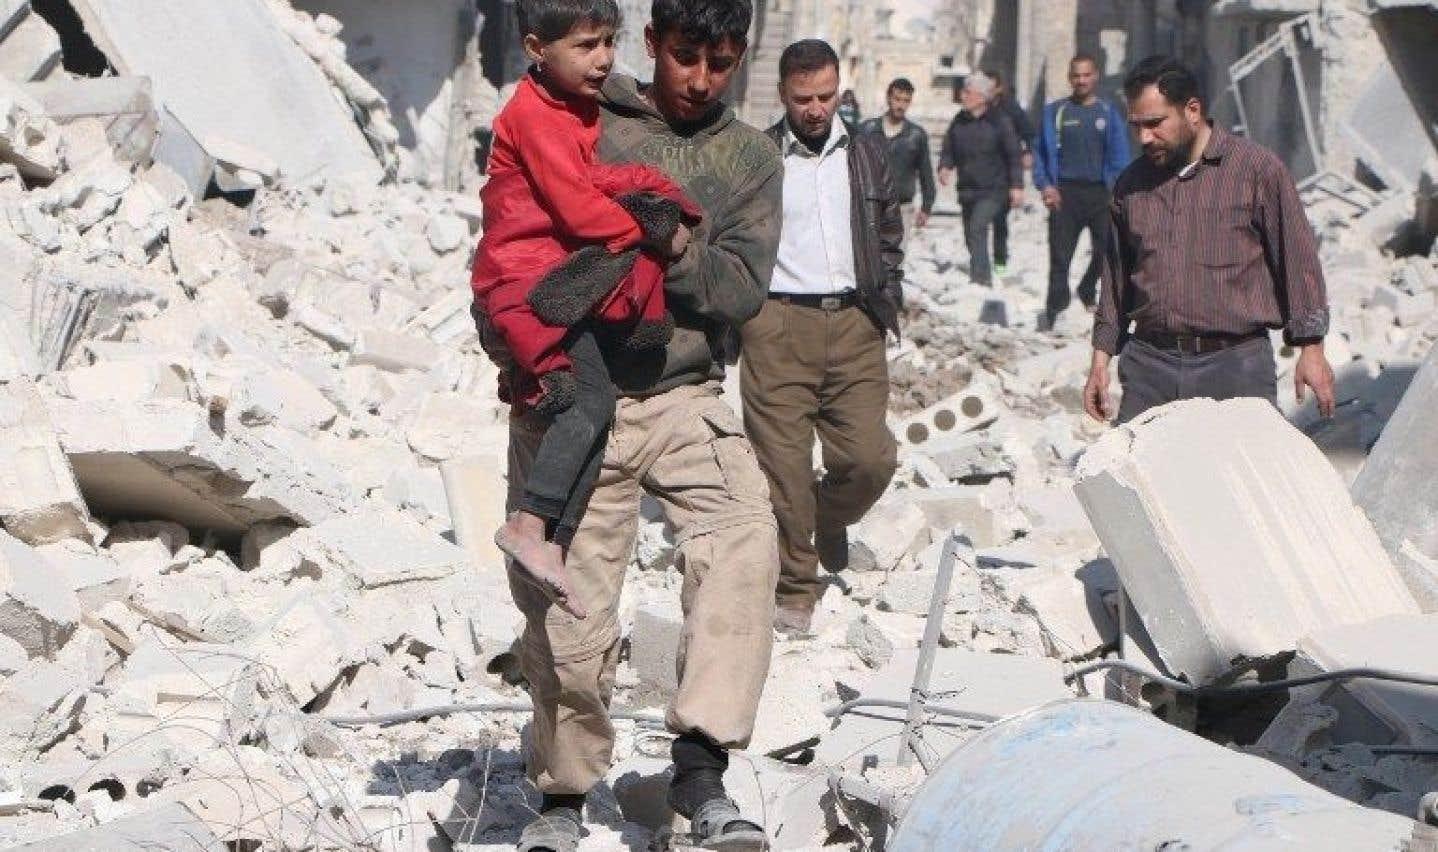 Trois ans de combats et bombardements ont contraint plus de neuf millions de personnes à la fuite et détruit le pays, plongé dans une crise humanitaire majeure dans laquelle les enfants sont en première ligne.